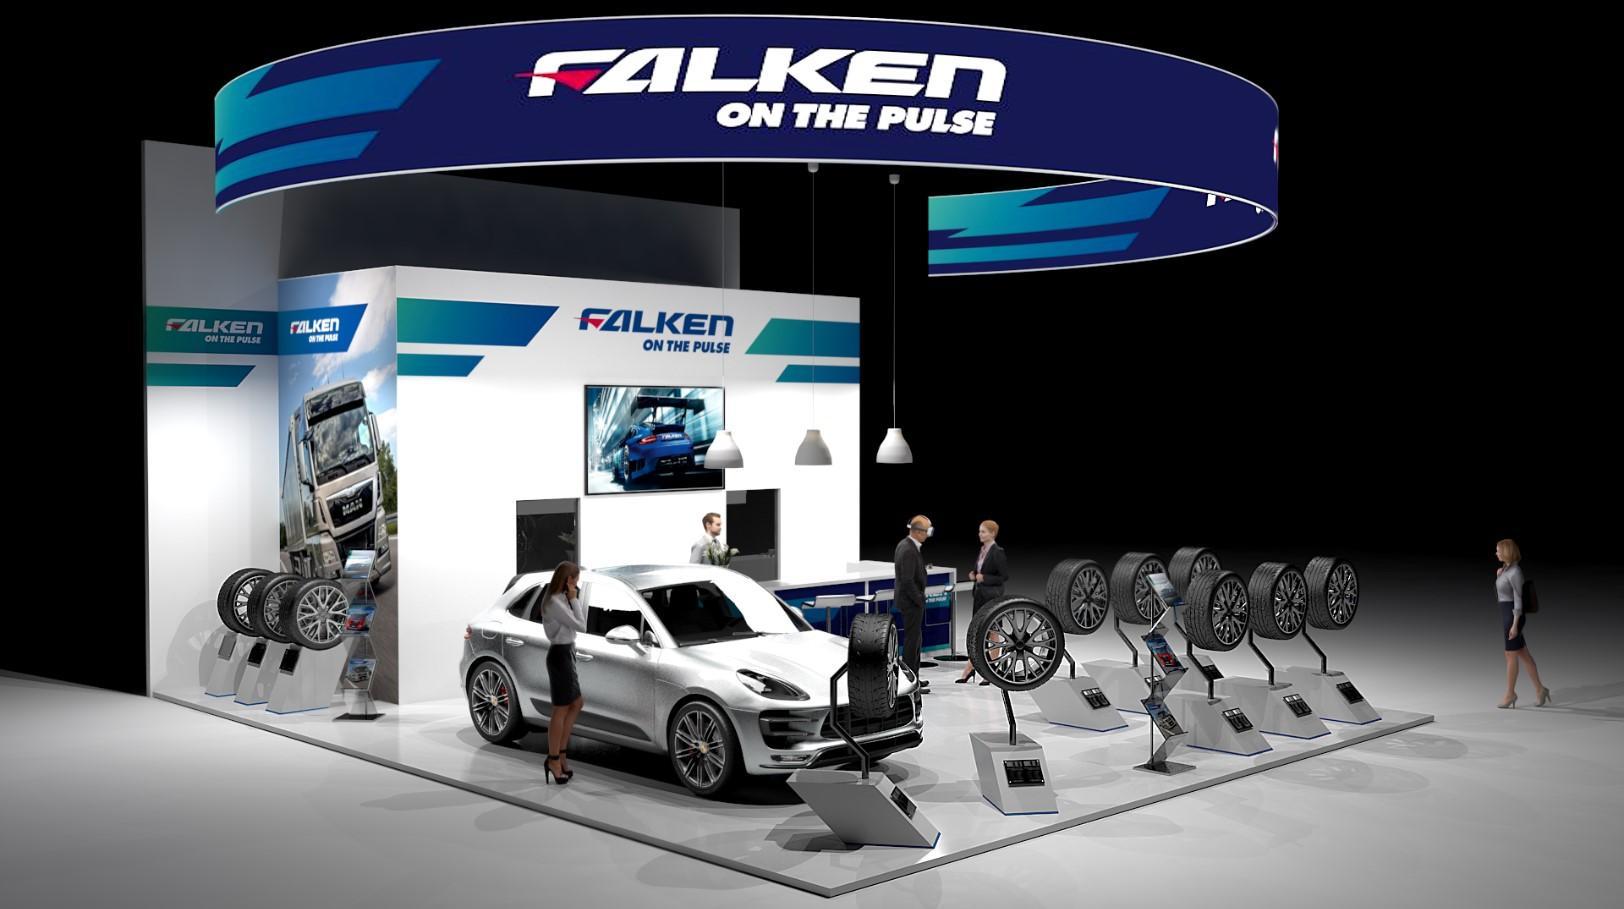 Бренд Falken дебютирует на выставке EQUIP AUTO 2017 с новыми летними шинами